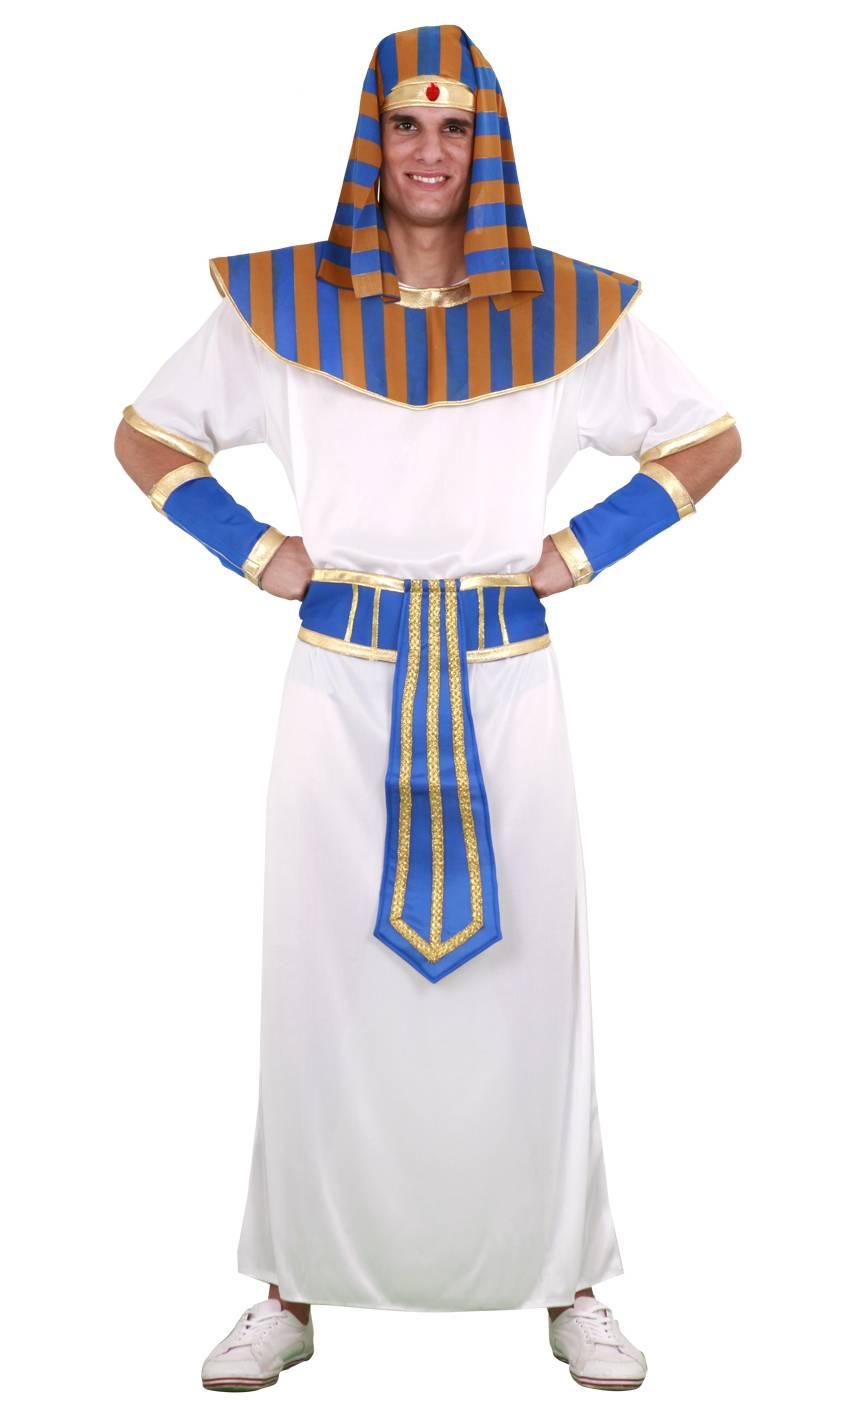 Costume-Pharaon-homme-H9